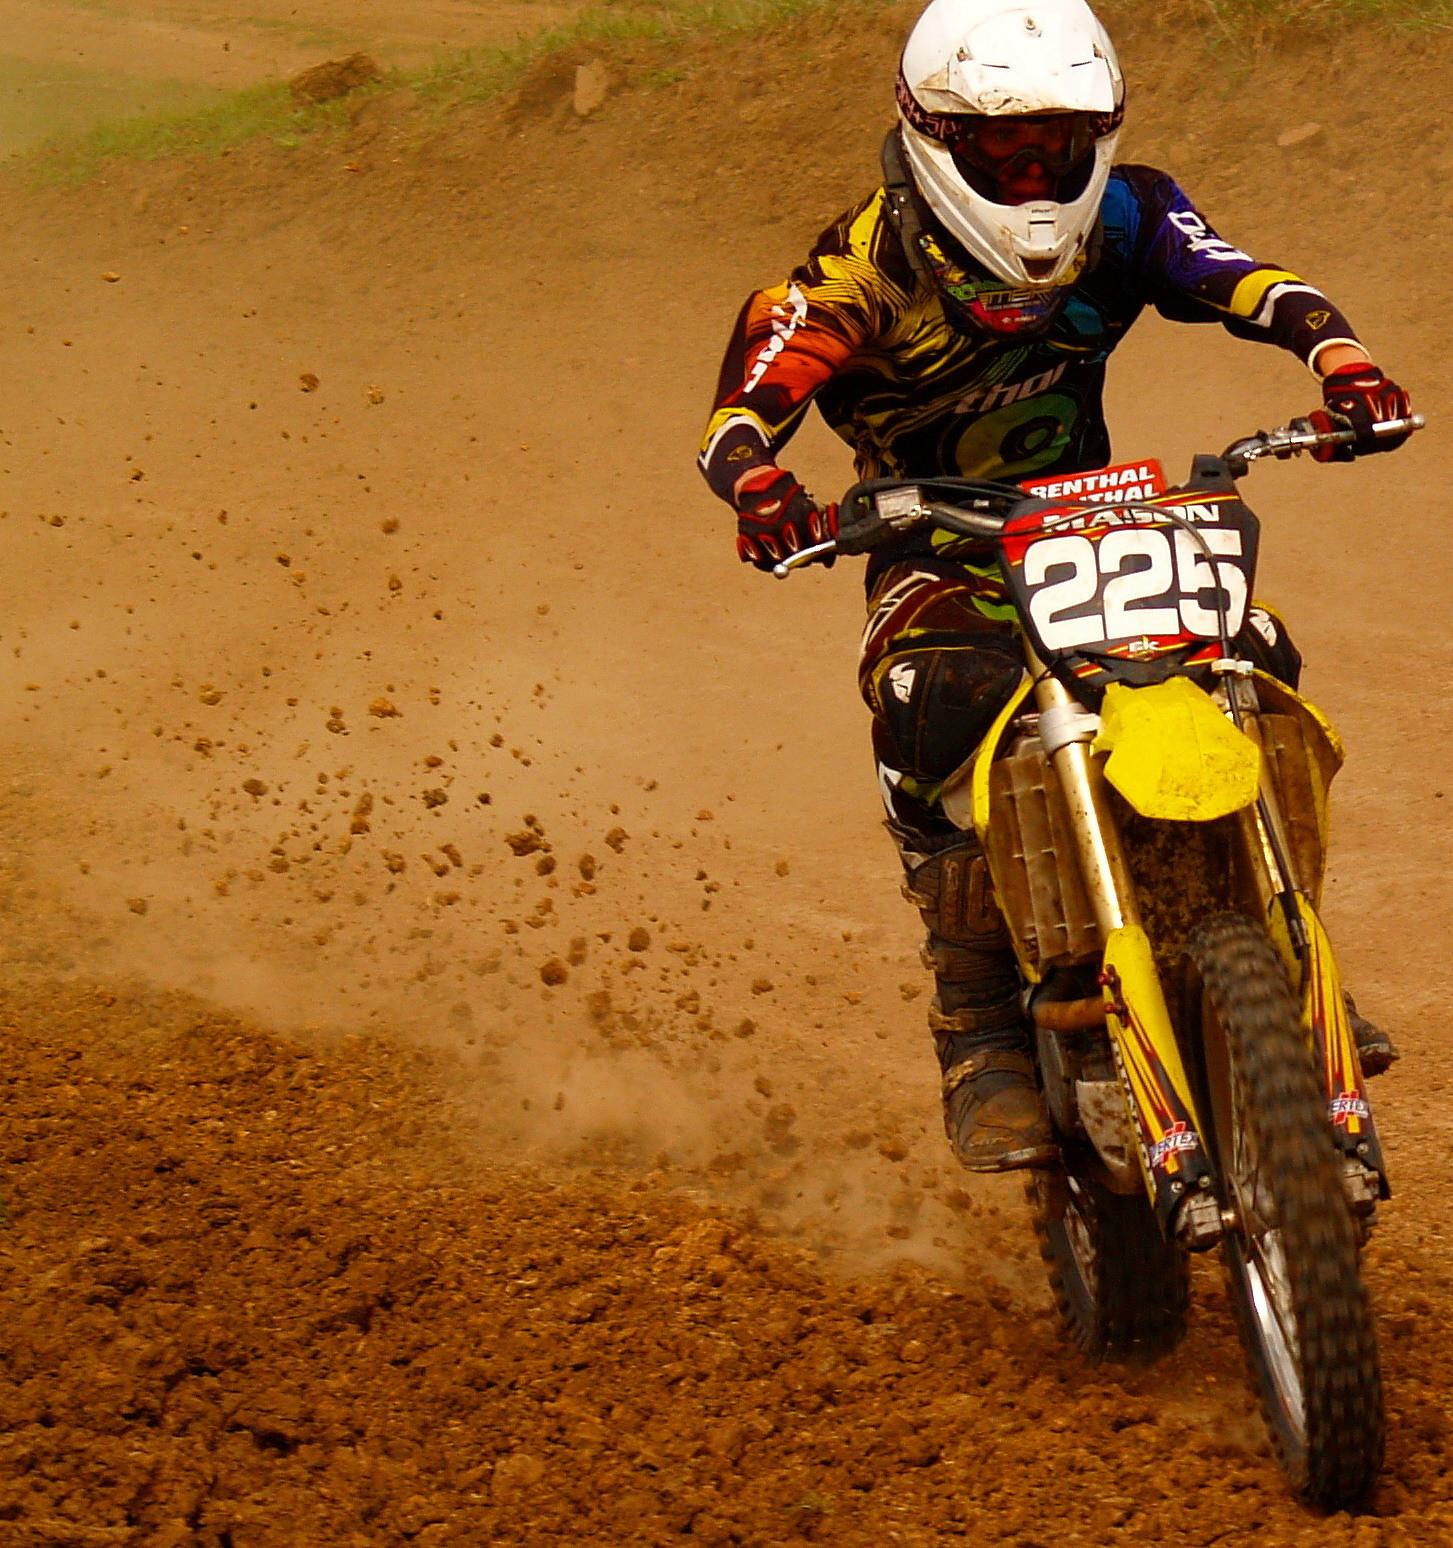 Motocross Nebraska - mharmon - Motocross Pictures - Vital MX